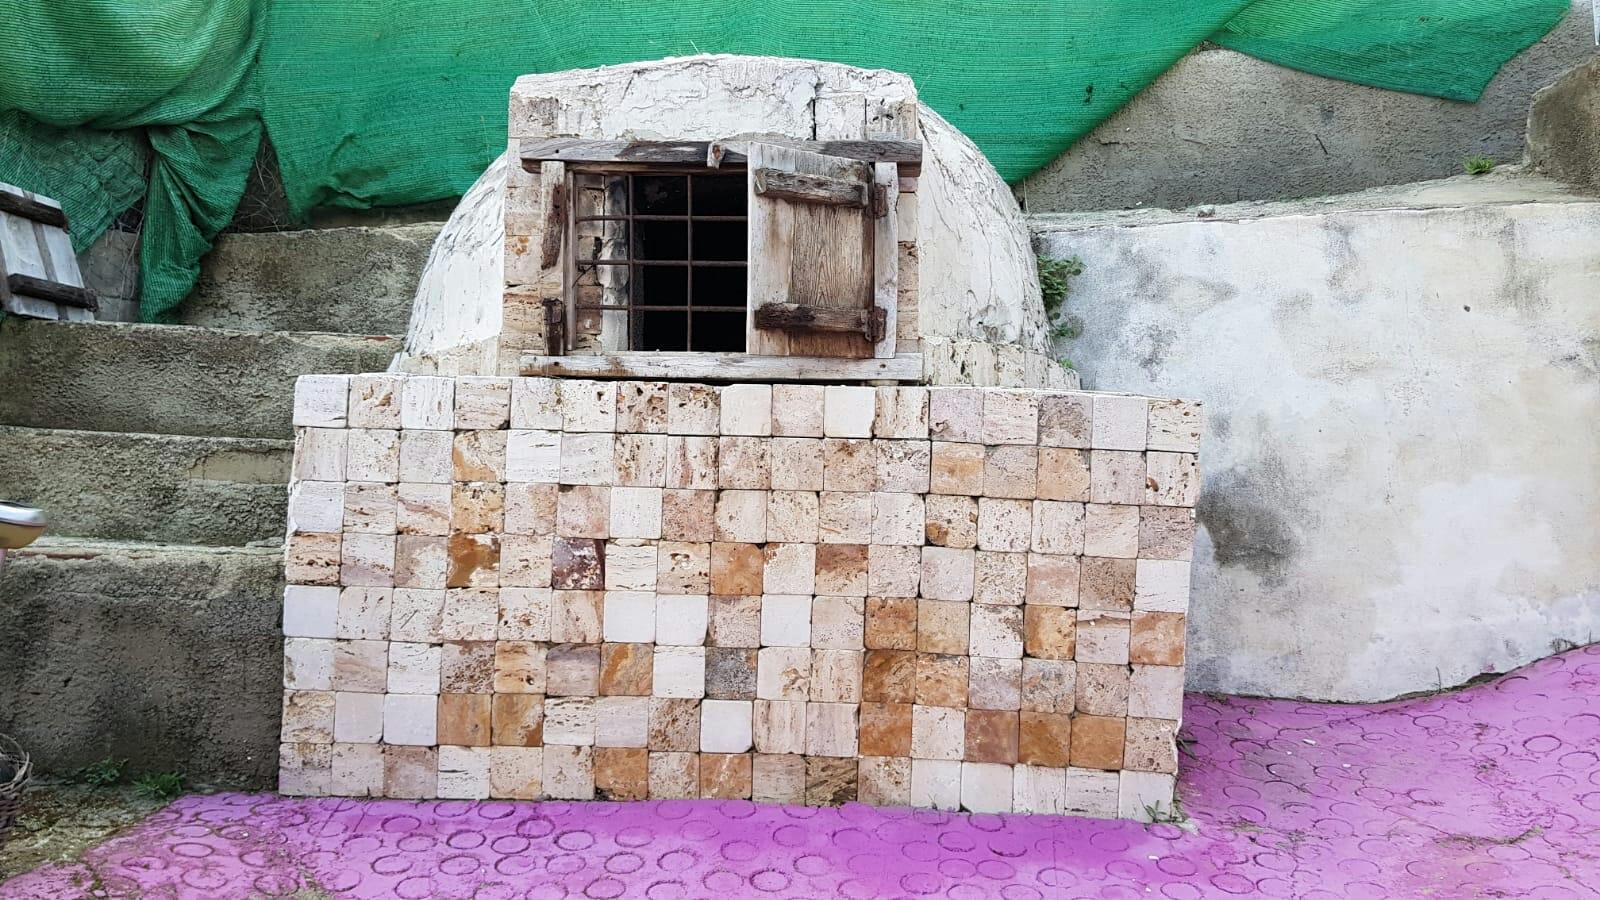 Affitto Casa  Camino a finca la jabalina. Se vende casa de campo a tan solo 5 minutos del centro de cehegi